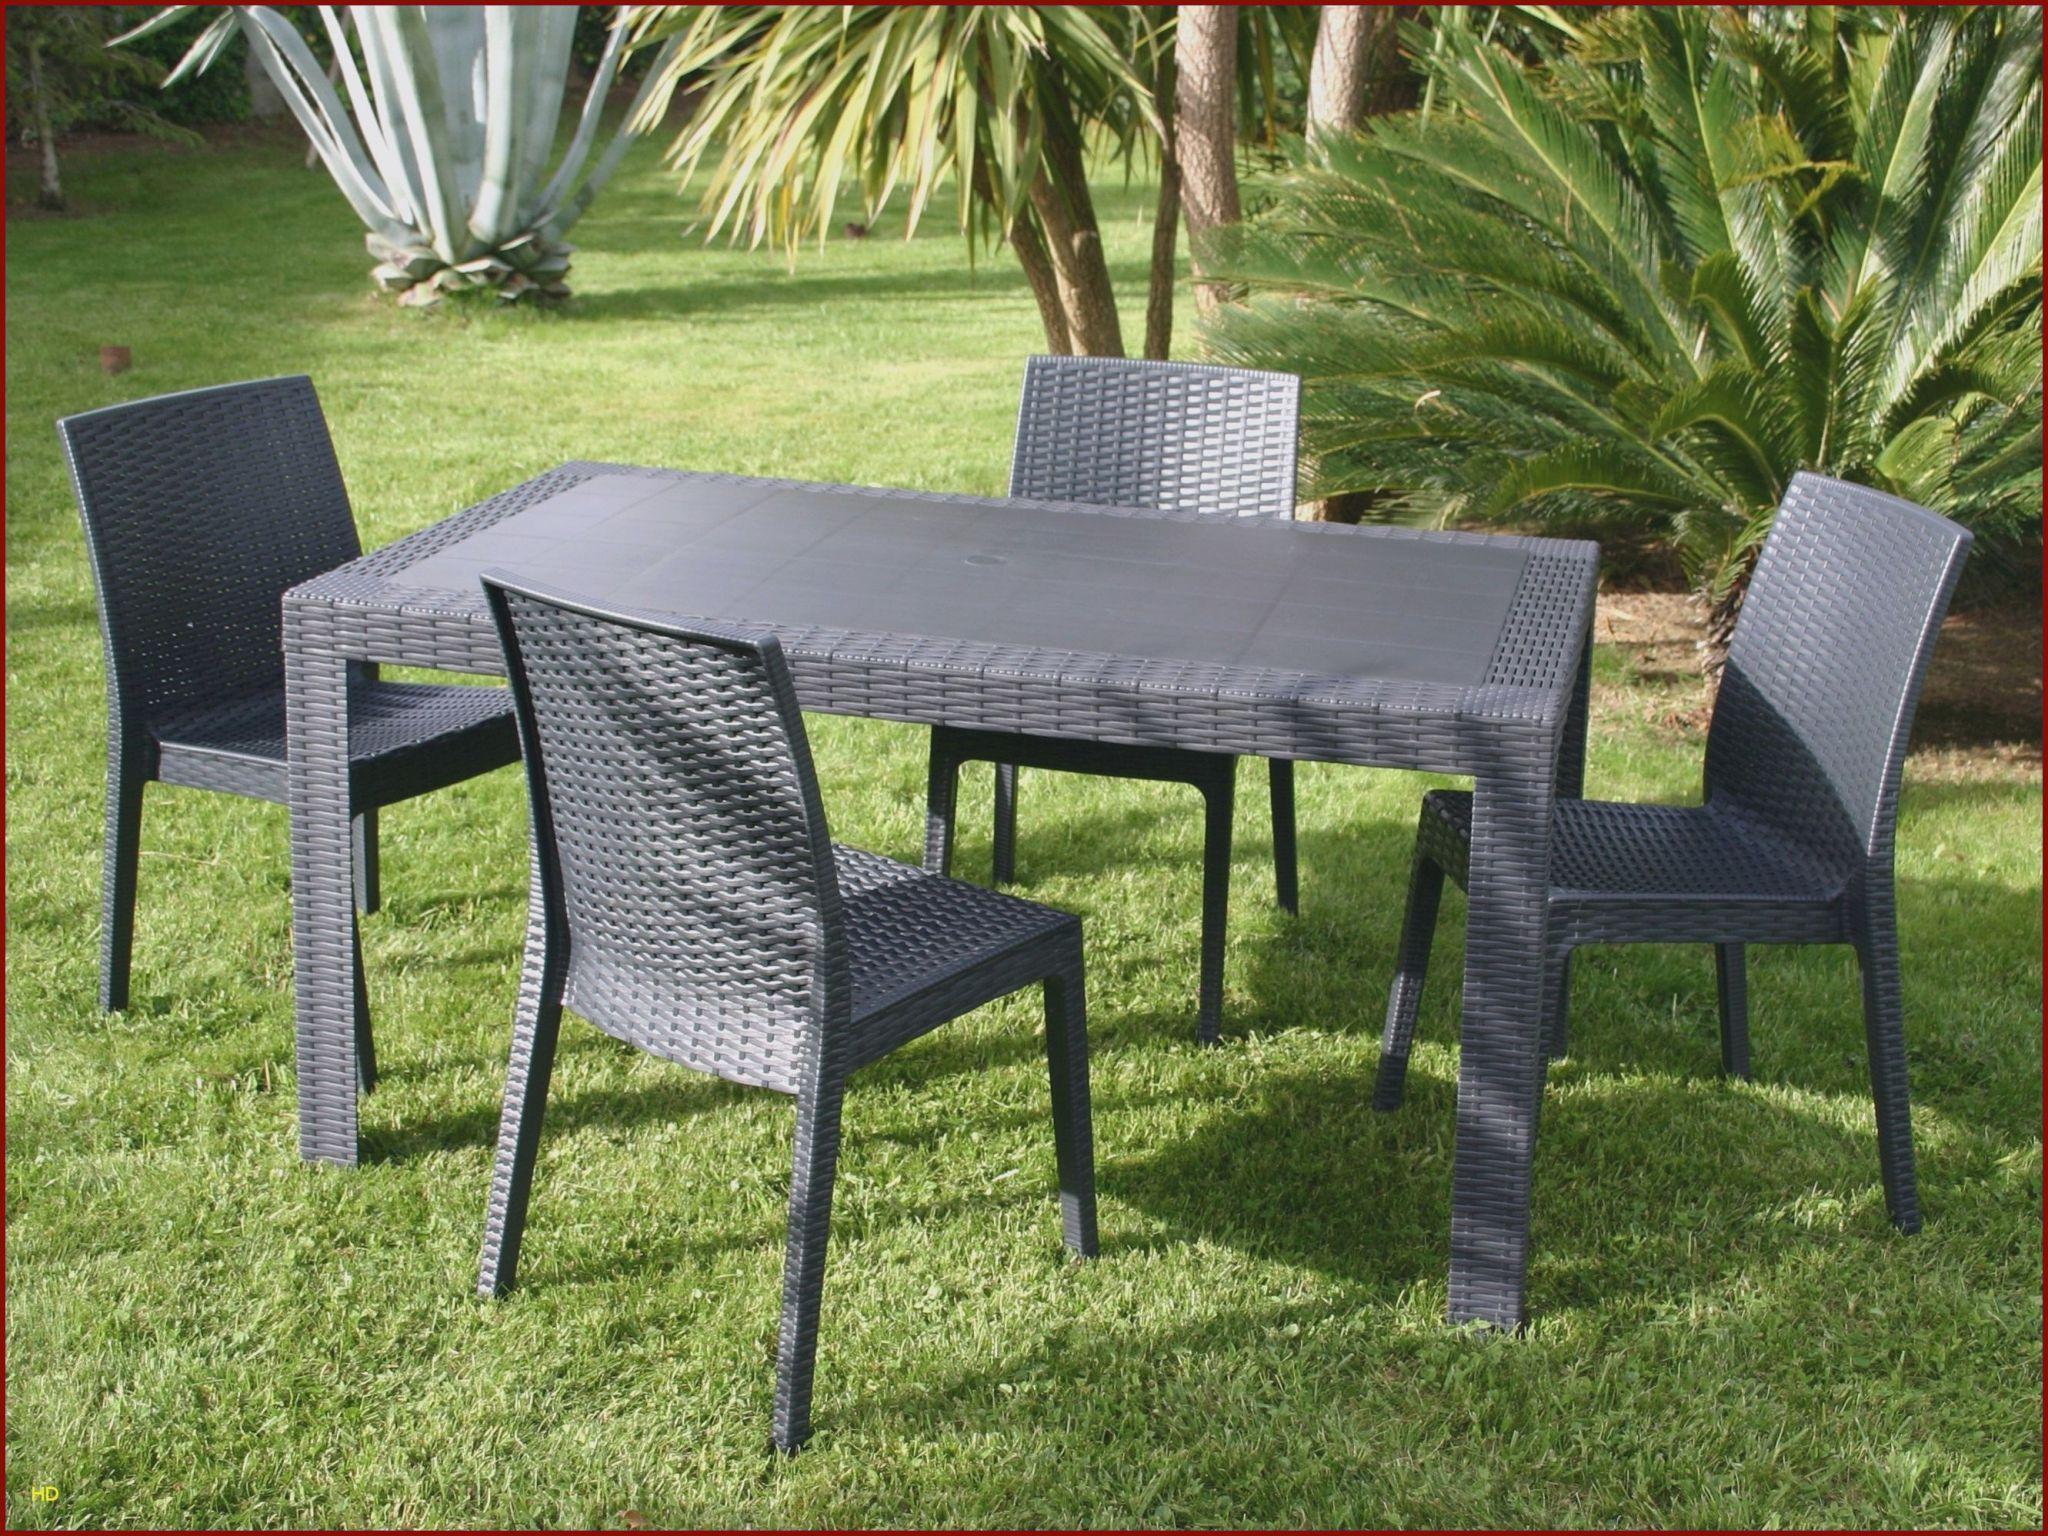 Table Et Chaise De Jardin En Aluminium Élégant Chaises Luxe Chaise Ice 0d Table Jardin Resine Lovely